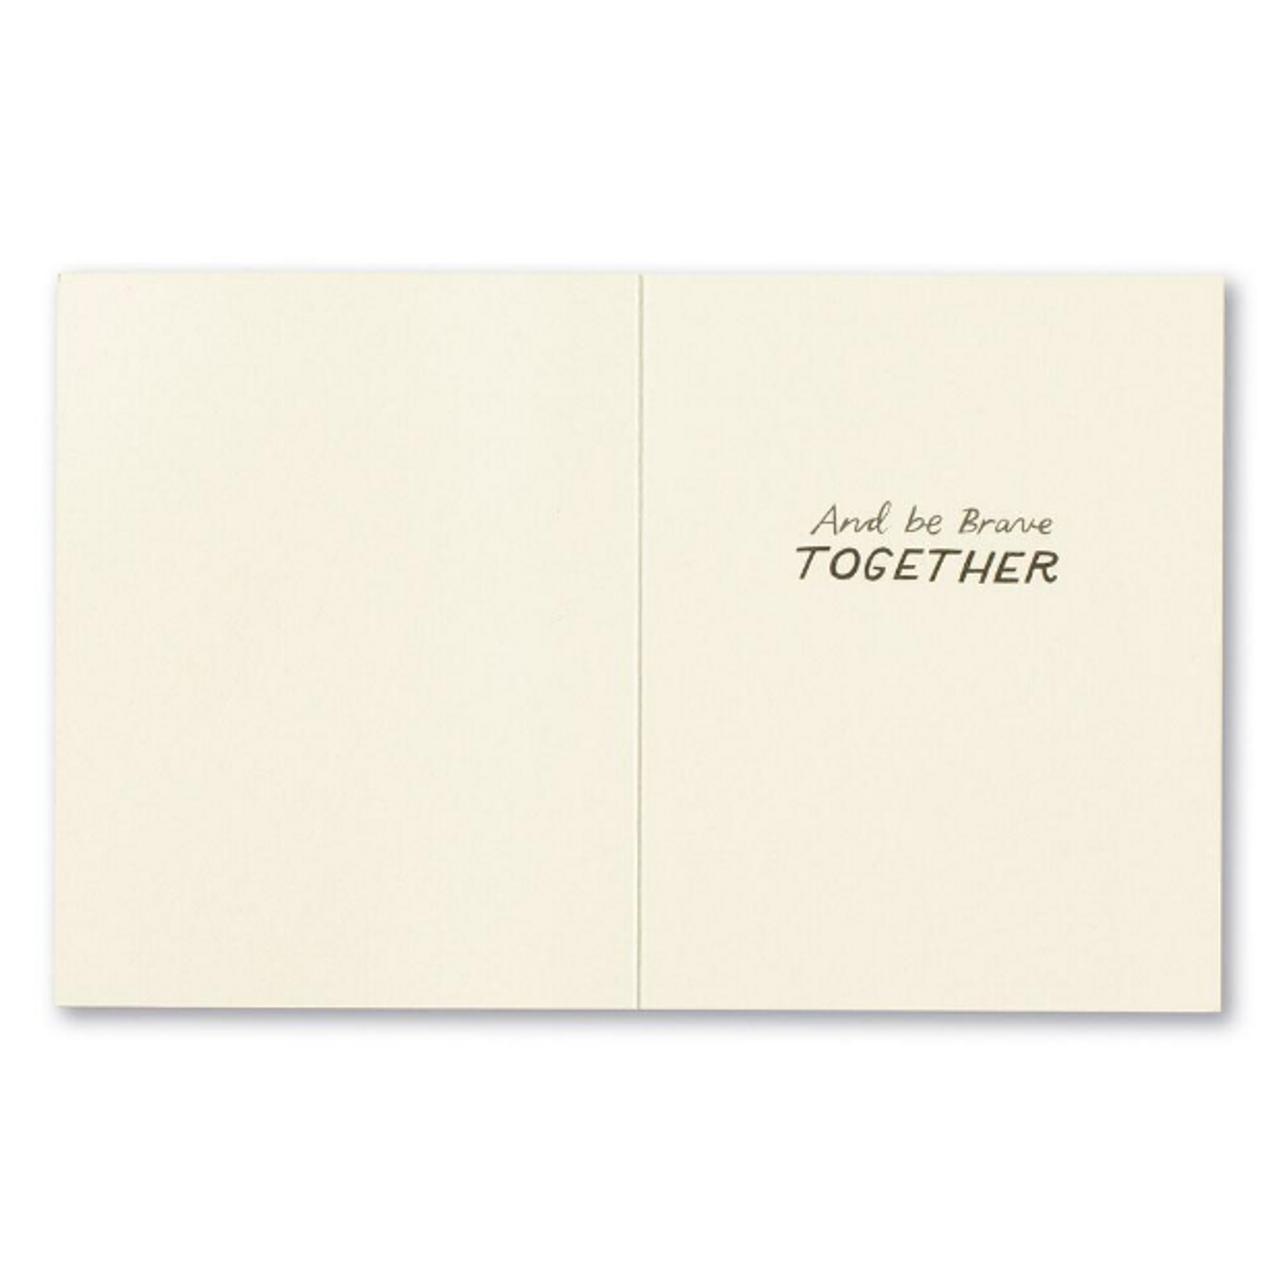 Let's hold hands Encouragement Card inside